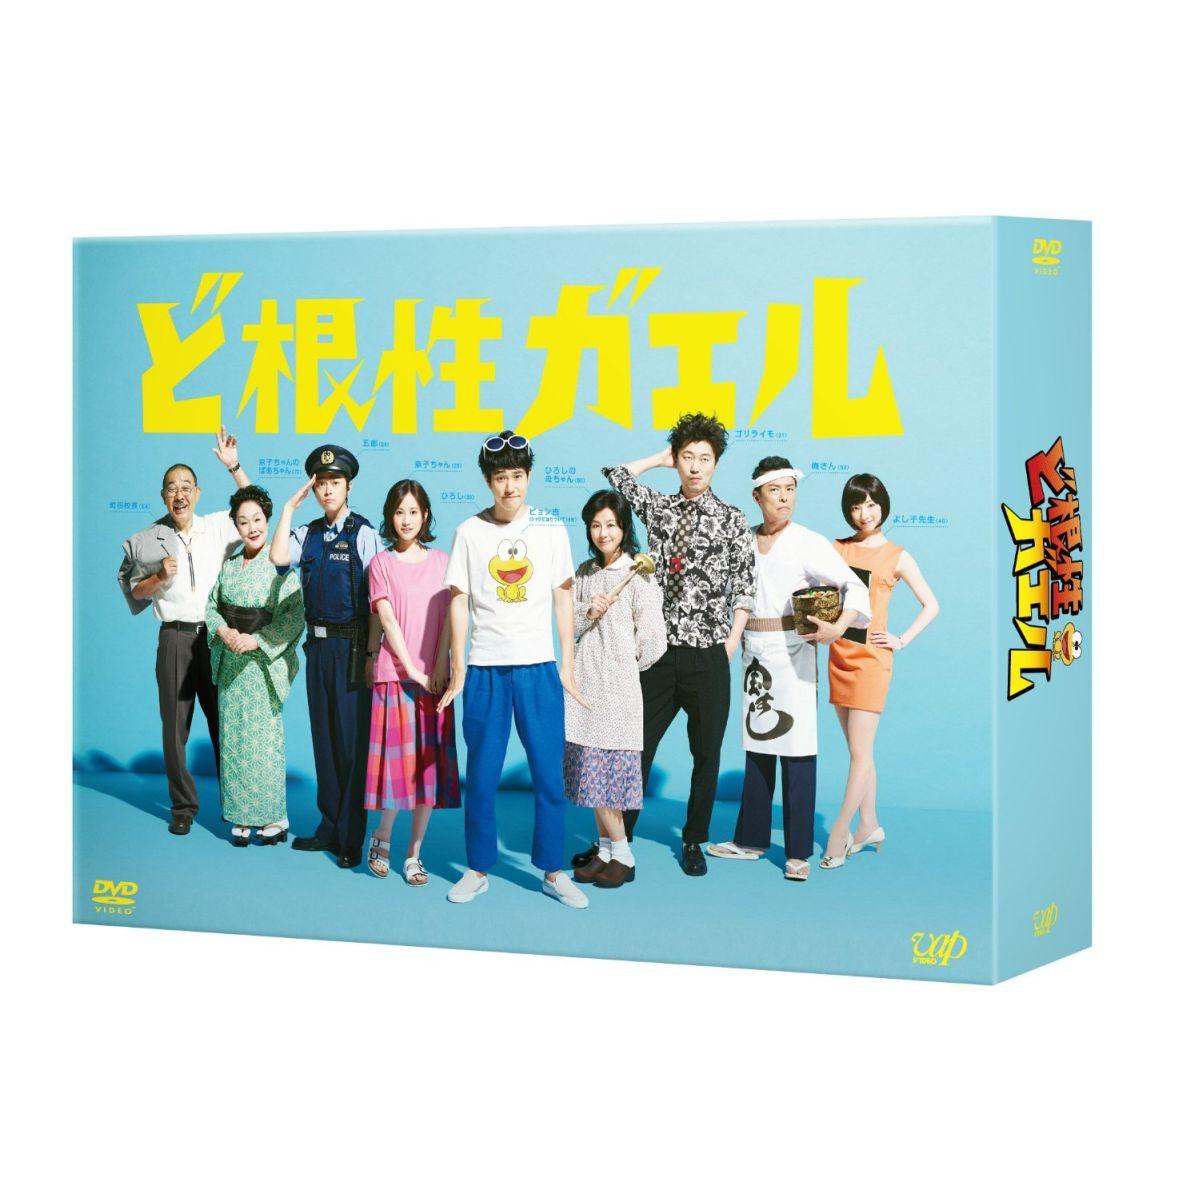 ど根性ガエル DVD-BOX画像